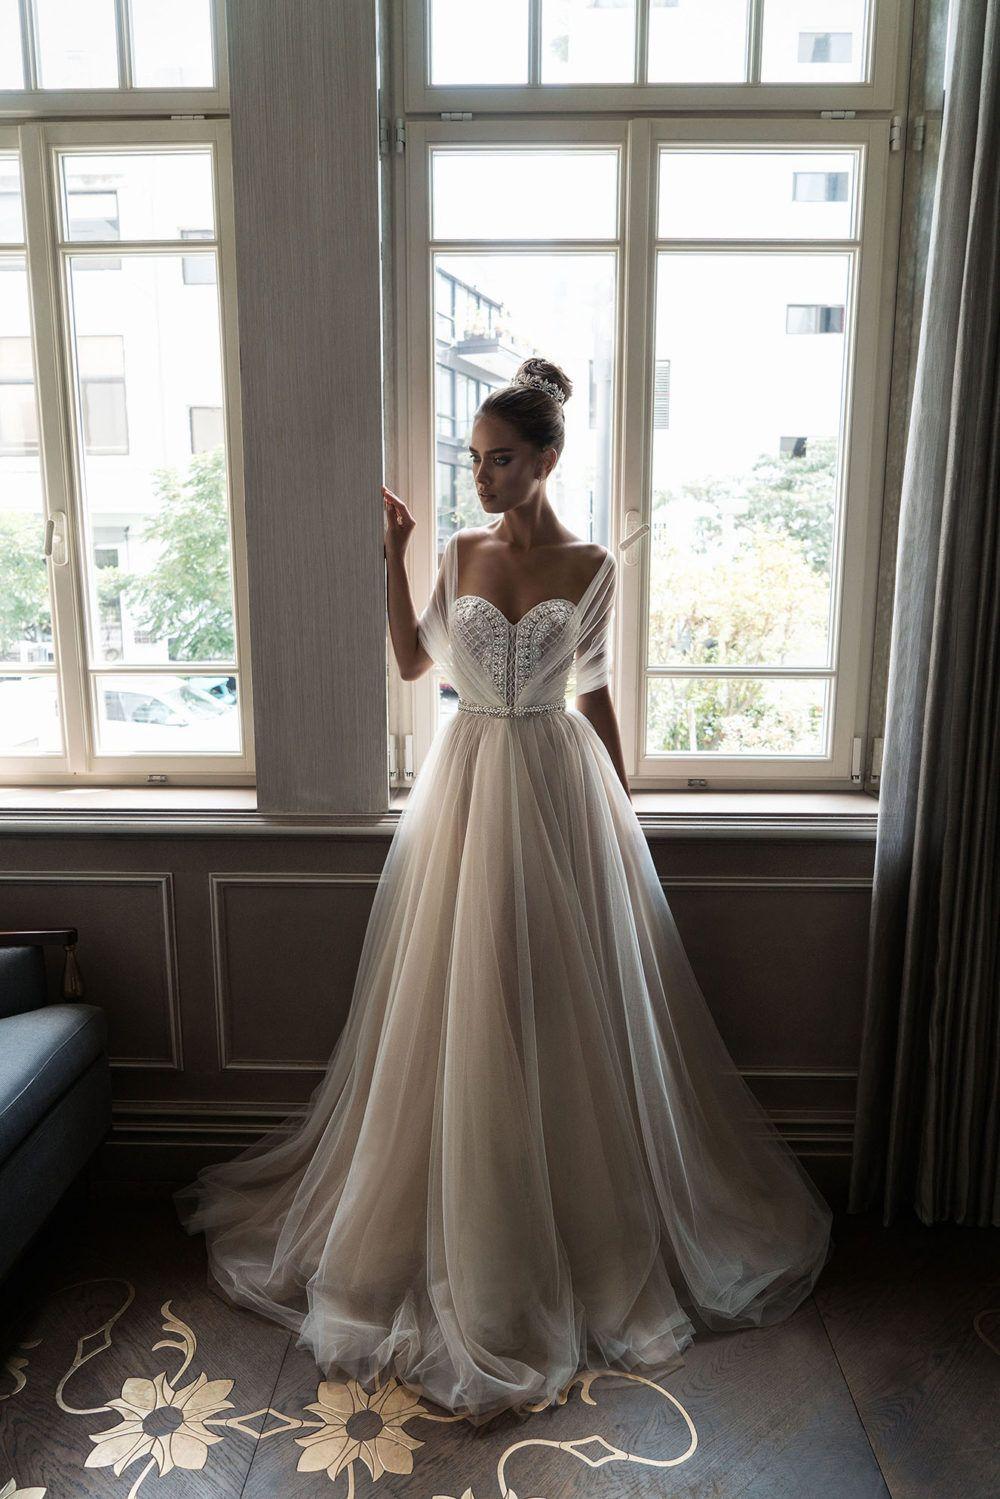 Vestidos de Noiva Elihav Sasson 2017. - OMG I'm Engaged